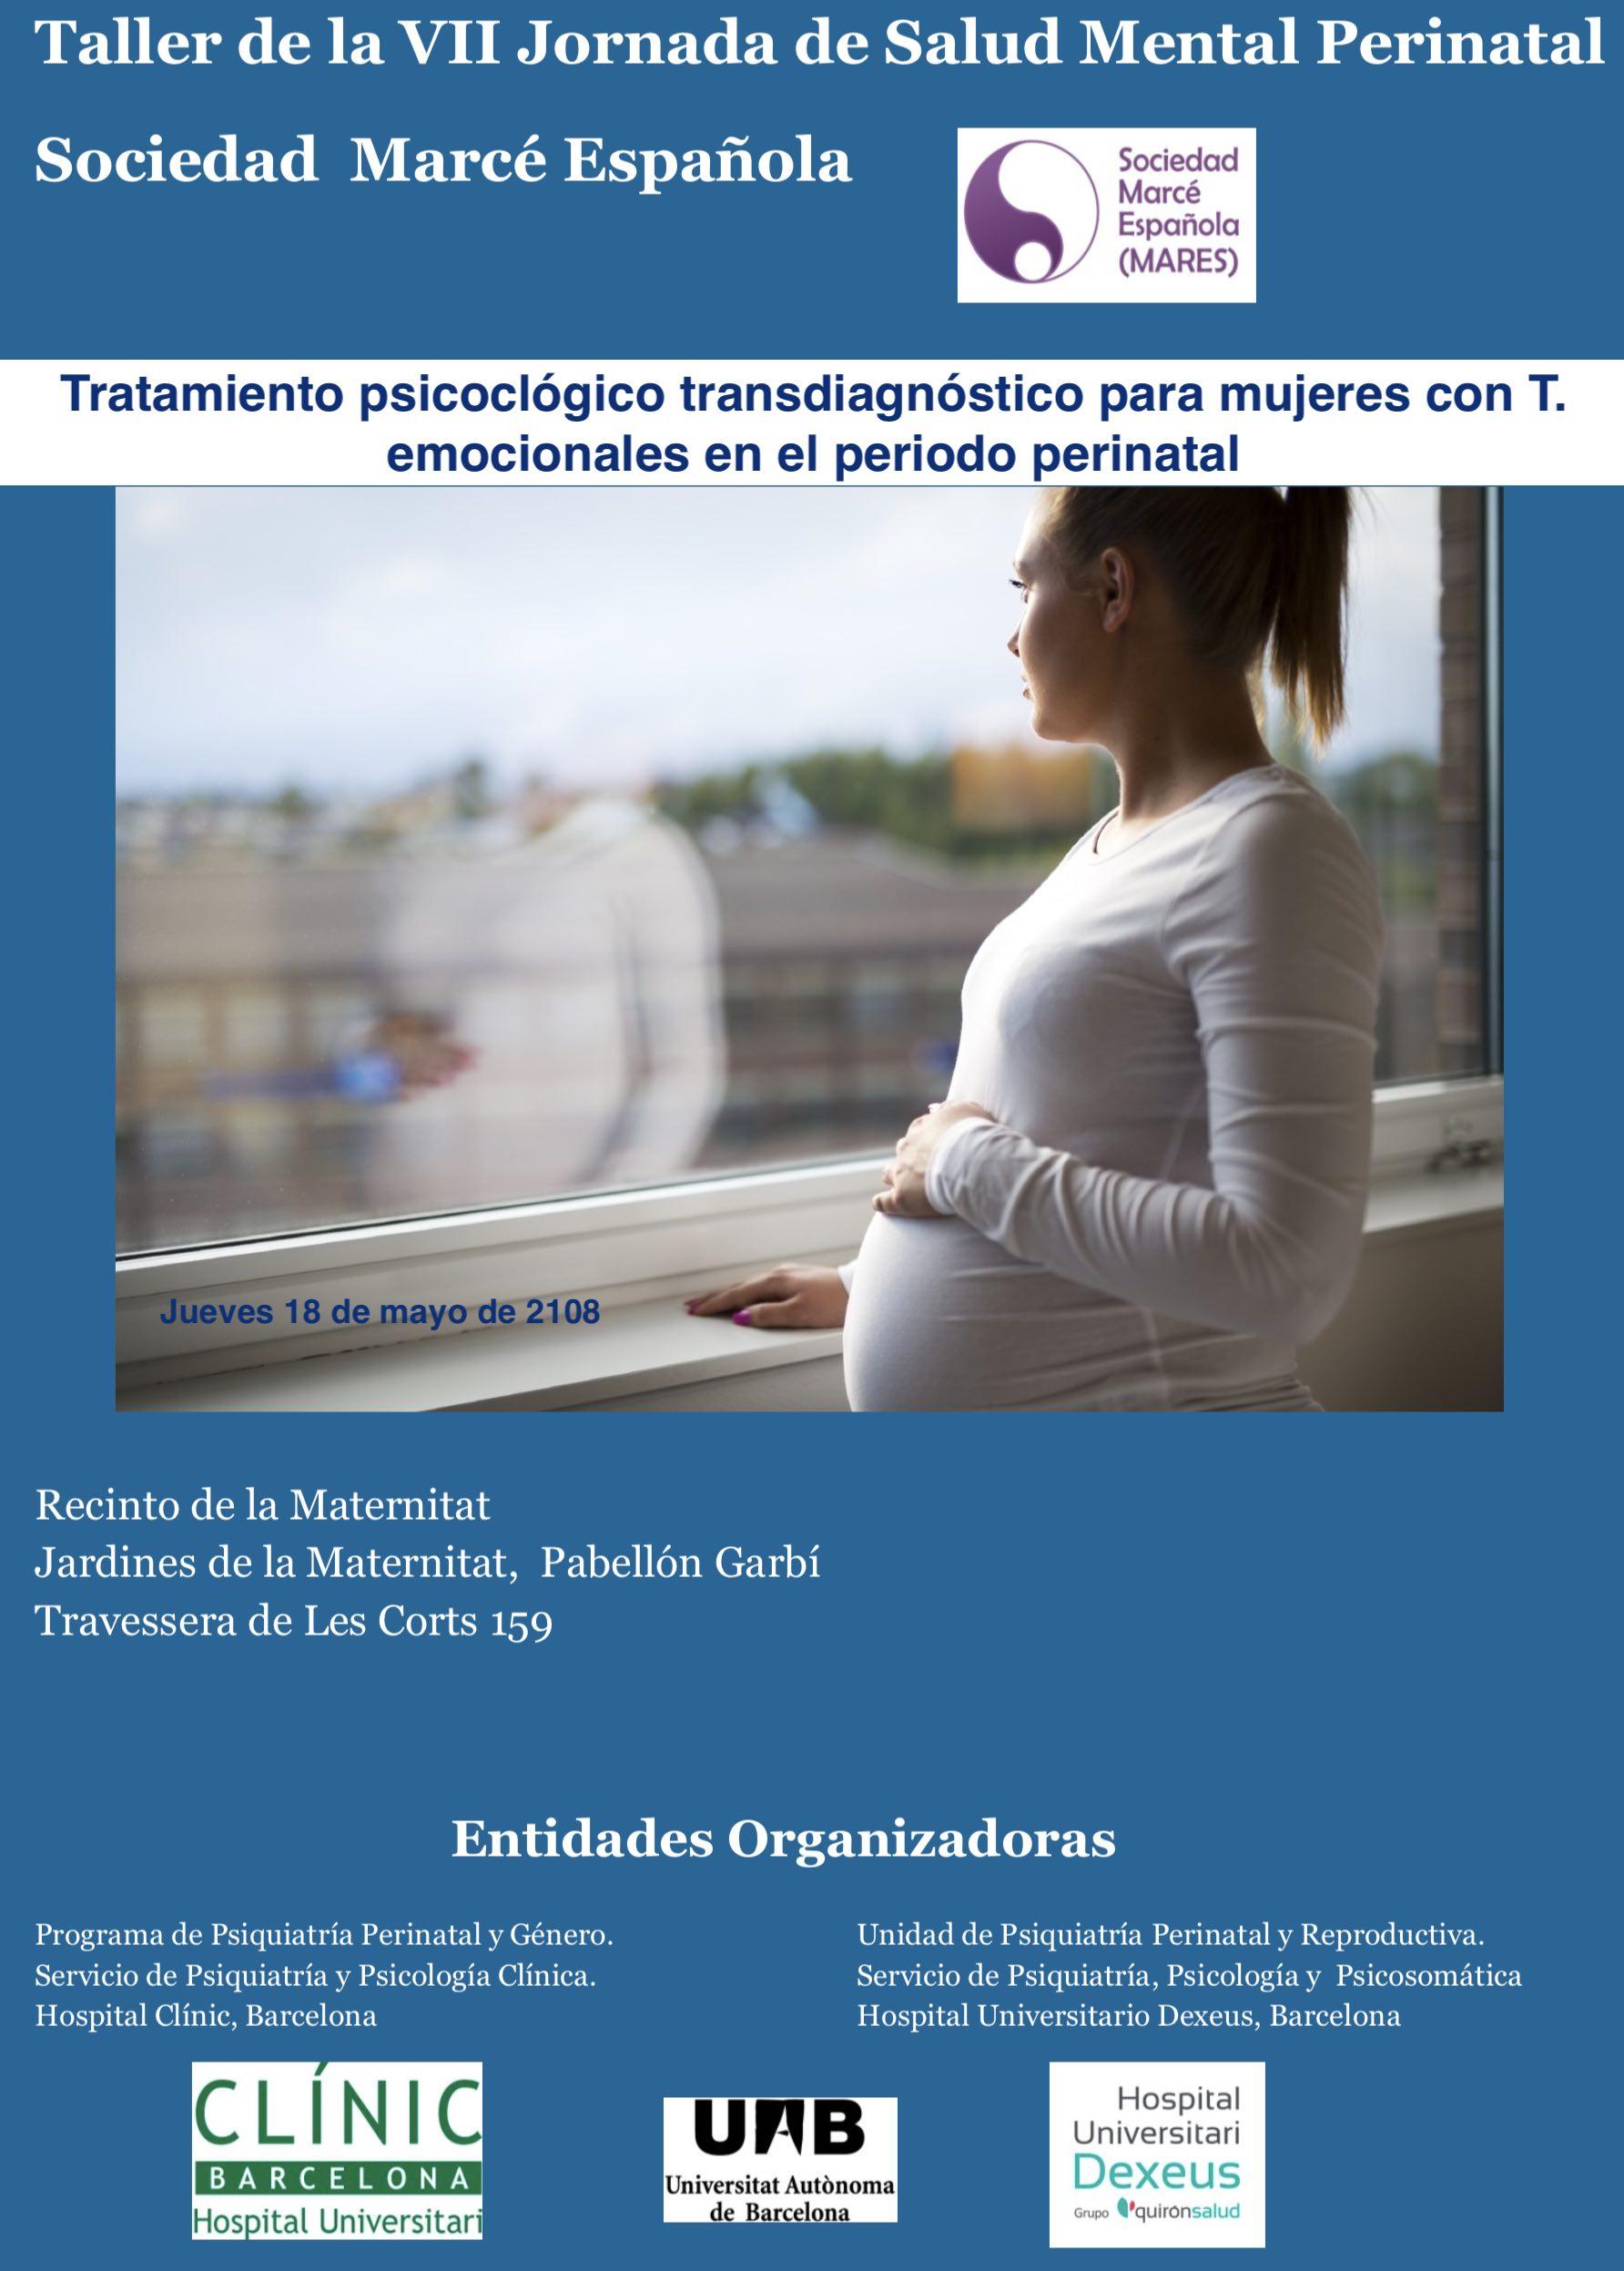 Taller VI Jornada de Salud Mental Perinatal